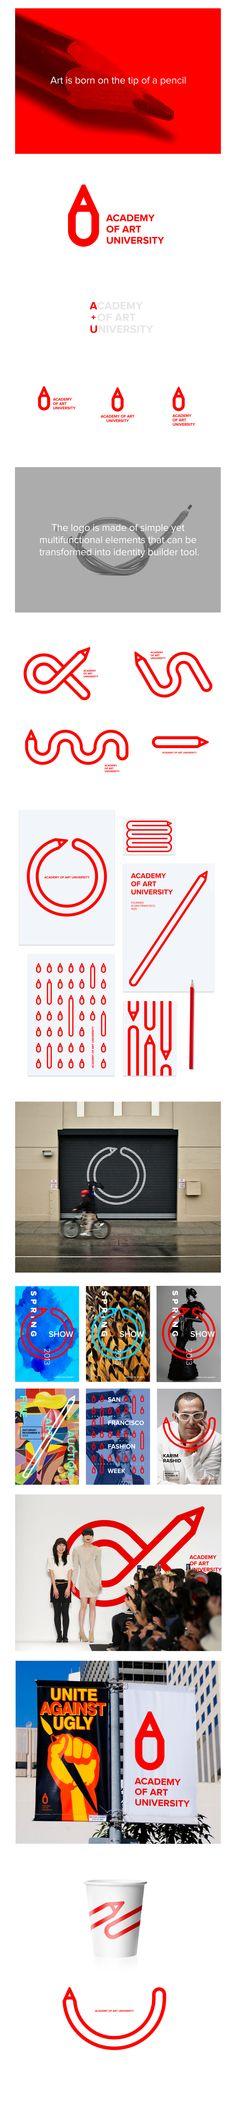 AAU Фирменный стиль © Berik Yergaliyev